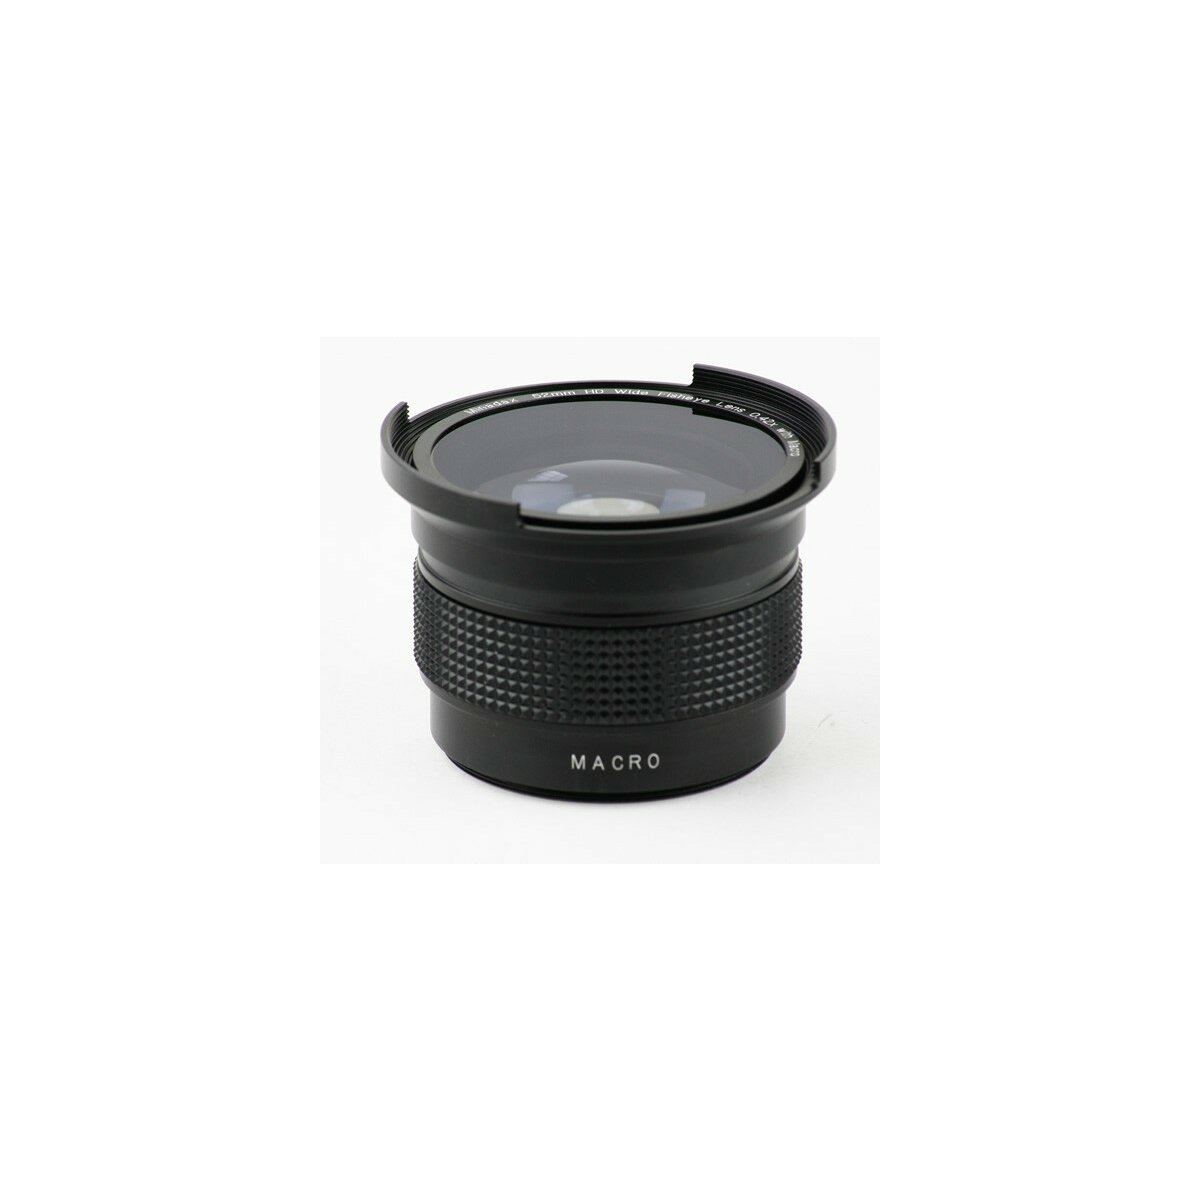 Minadax 0.42x Fisheye Vorsatz kompatibel mit Canon HG10, HV20, HV30, HV40, Legria HF M41, Legria HF M46, Legria HF M406